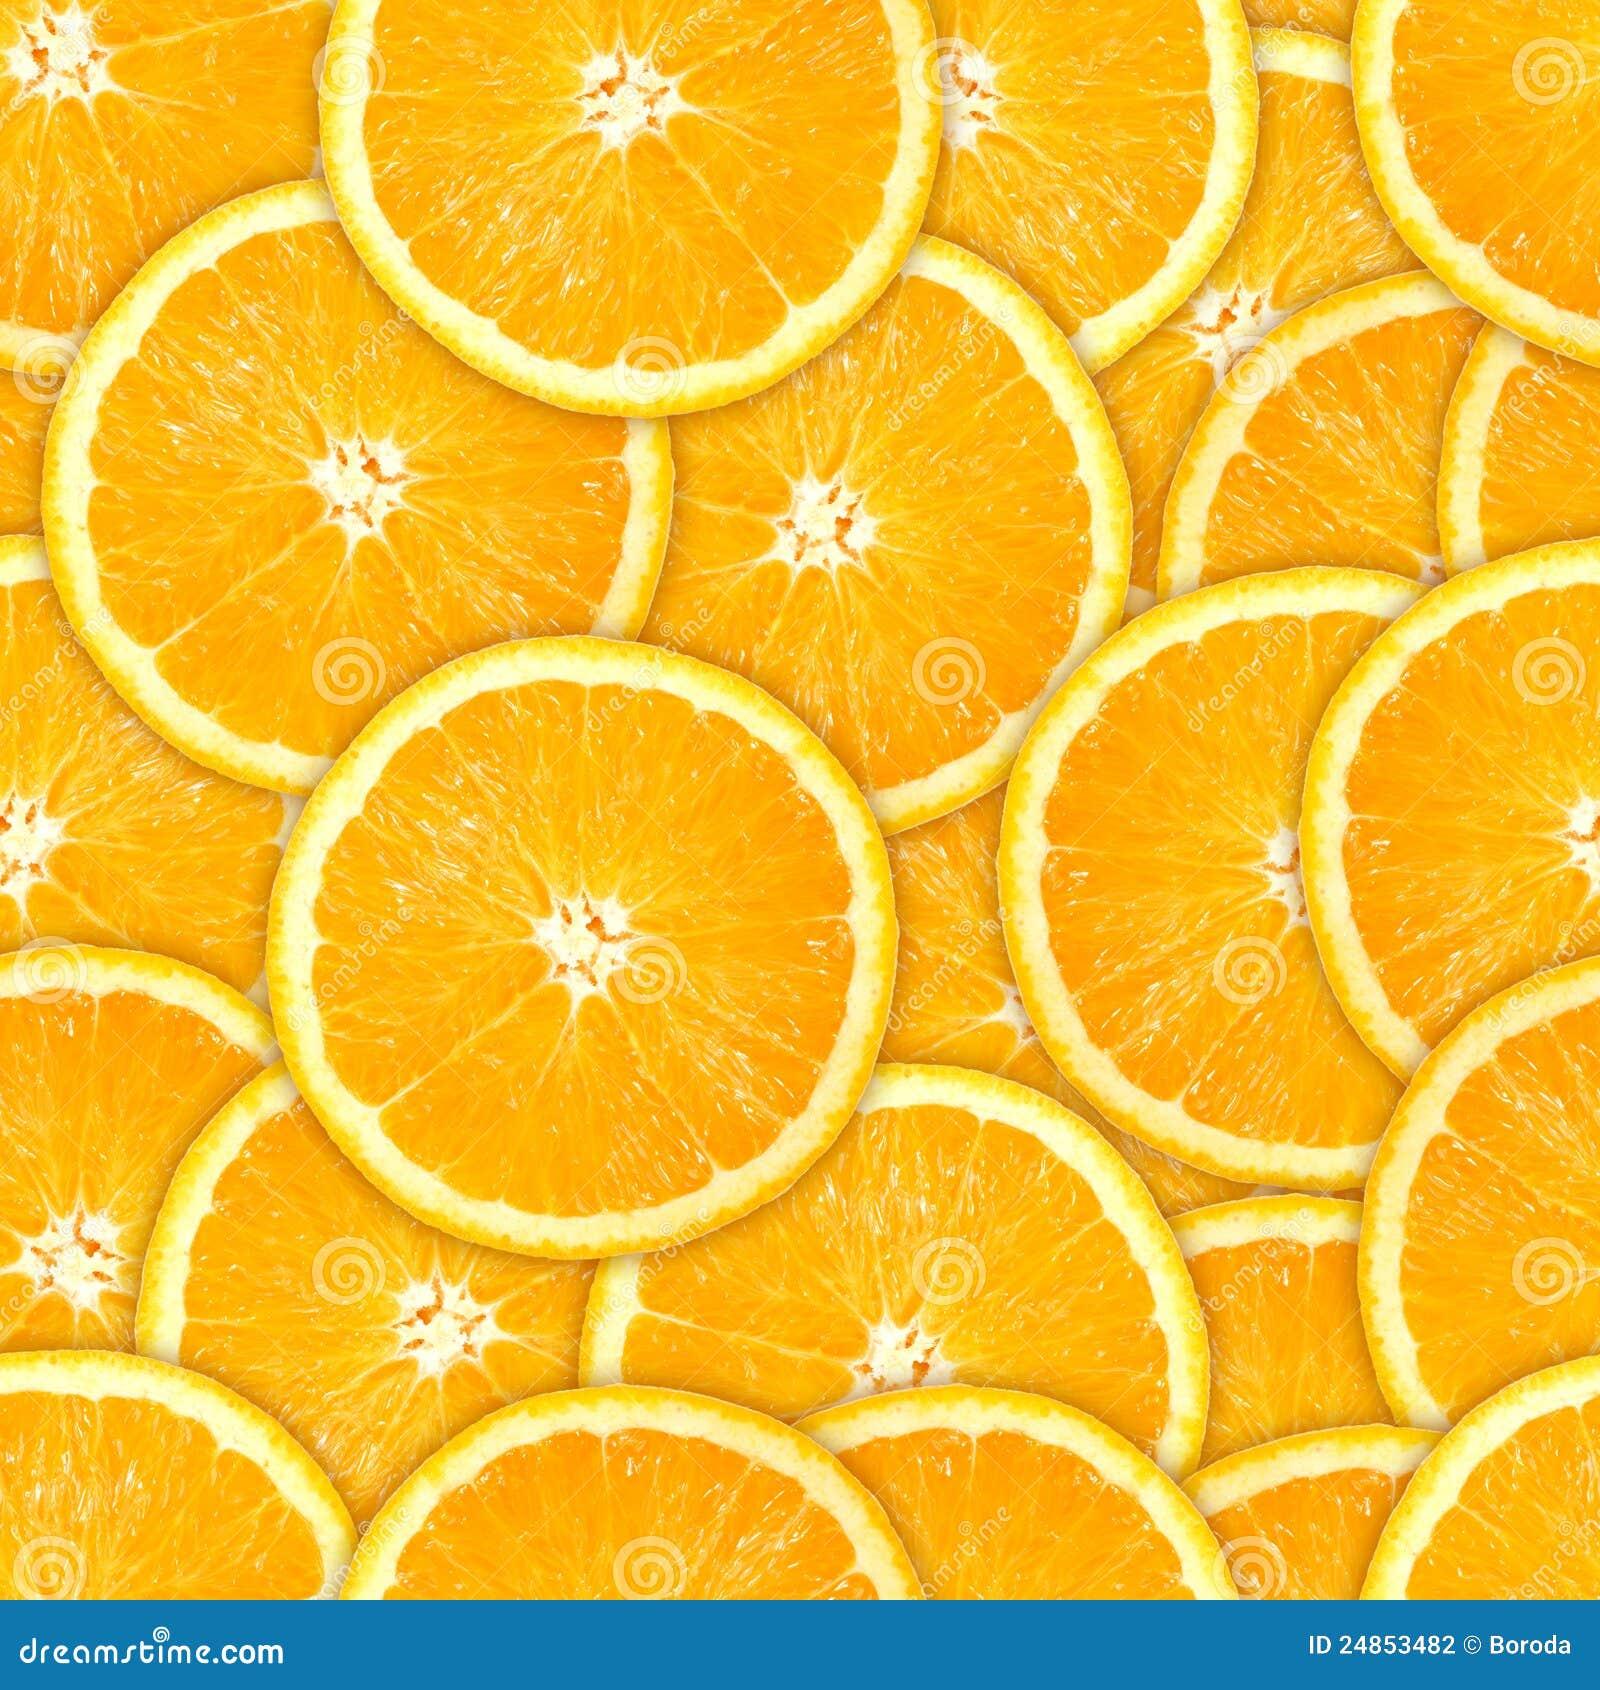 Orange Juice Design Studio